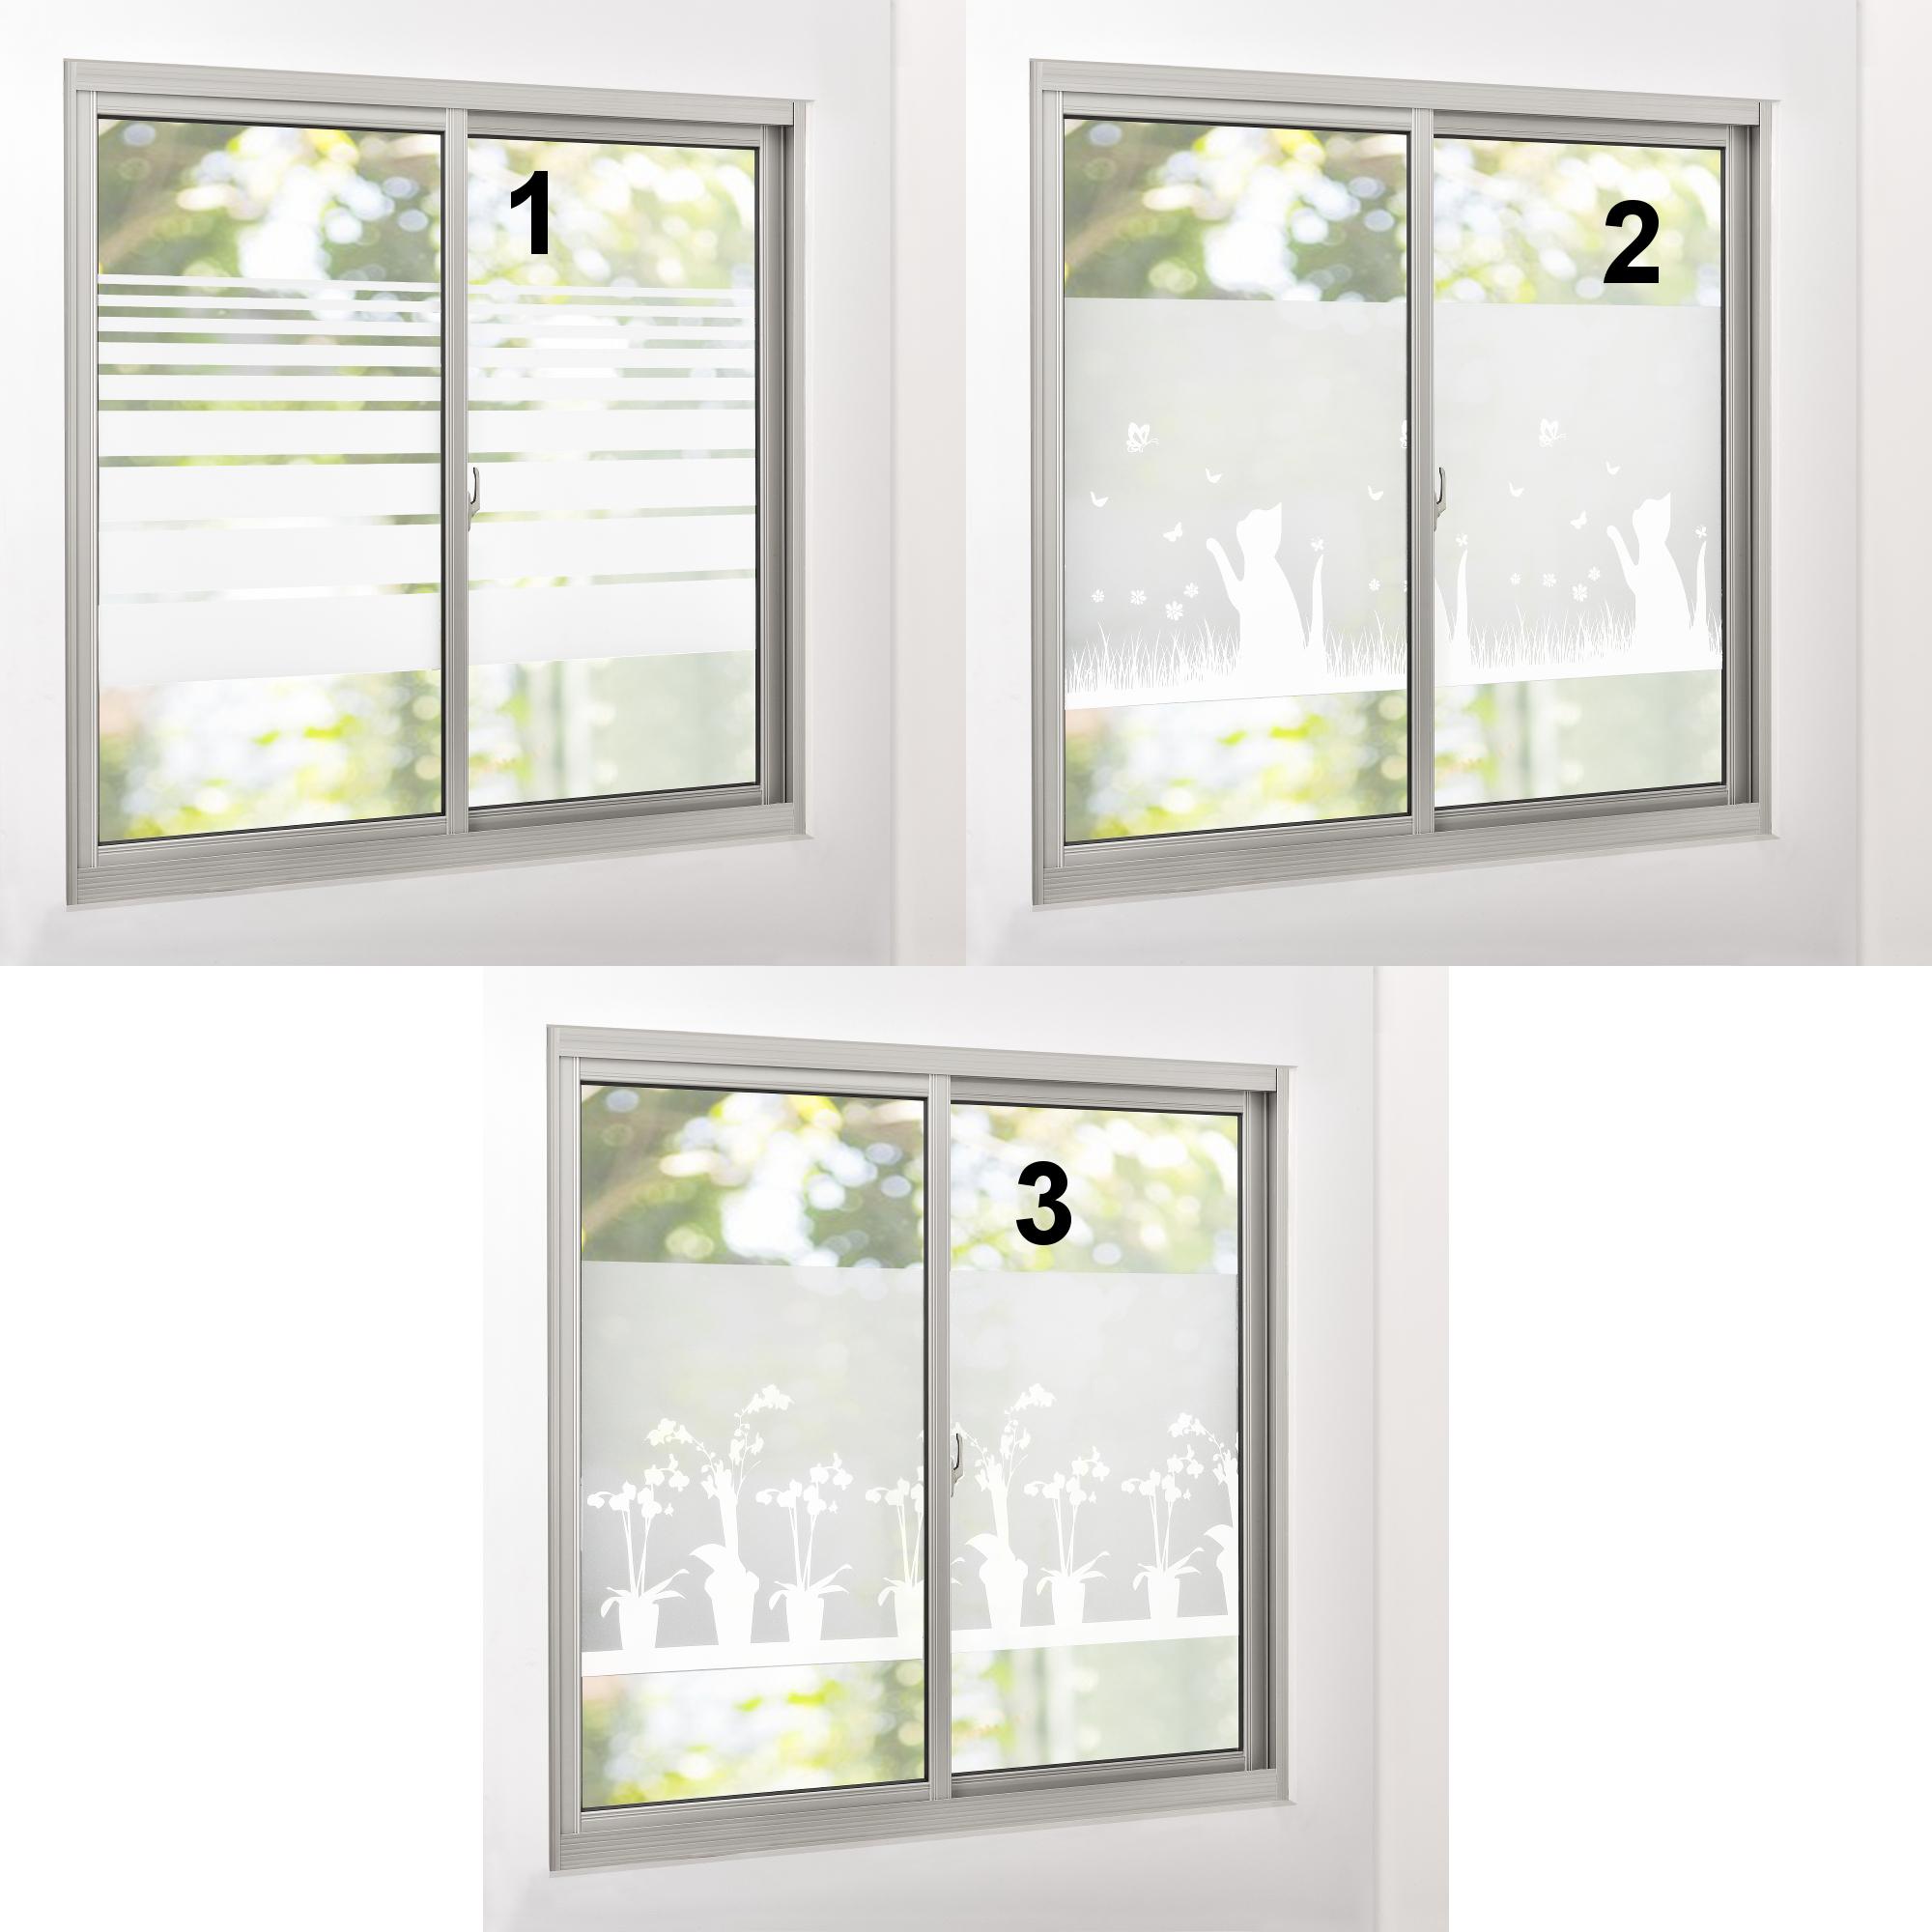 Full Size of Fenster Folie Fensterfolie Entfernen Auto Ikea Anbringen Fensterfolien Sonnenschutz Kosten Obi Sichtschutz Blickdicht Tipps Statisch Casapro Sichtschutzfolie Fenster Fenster Folie